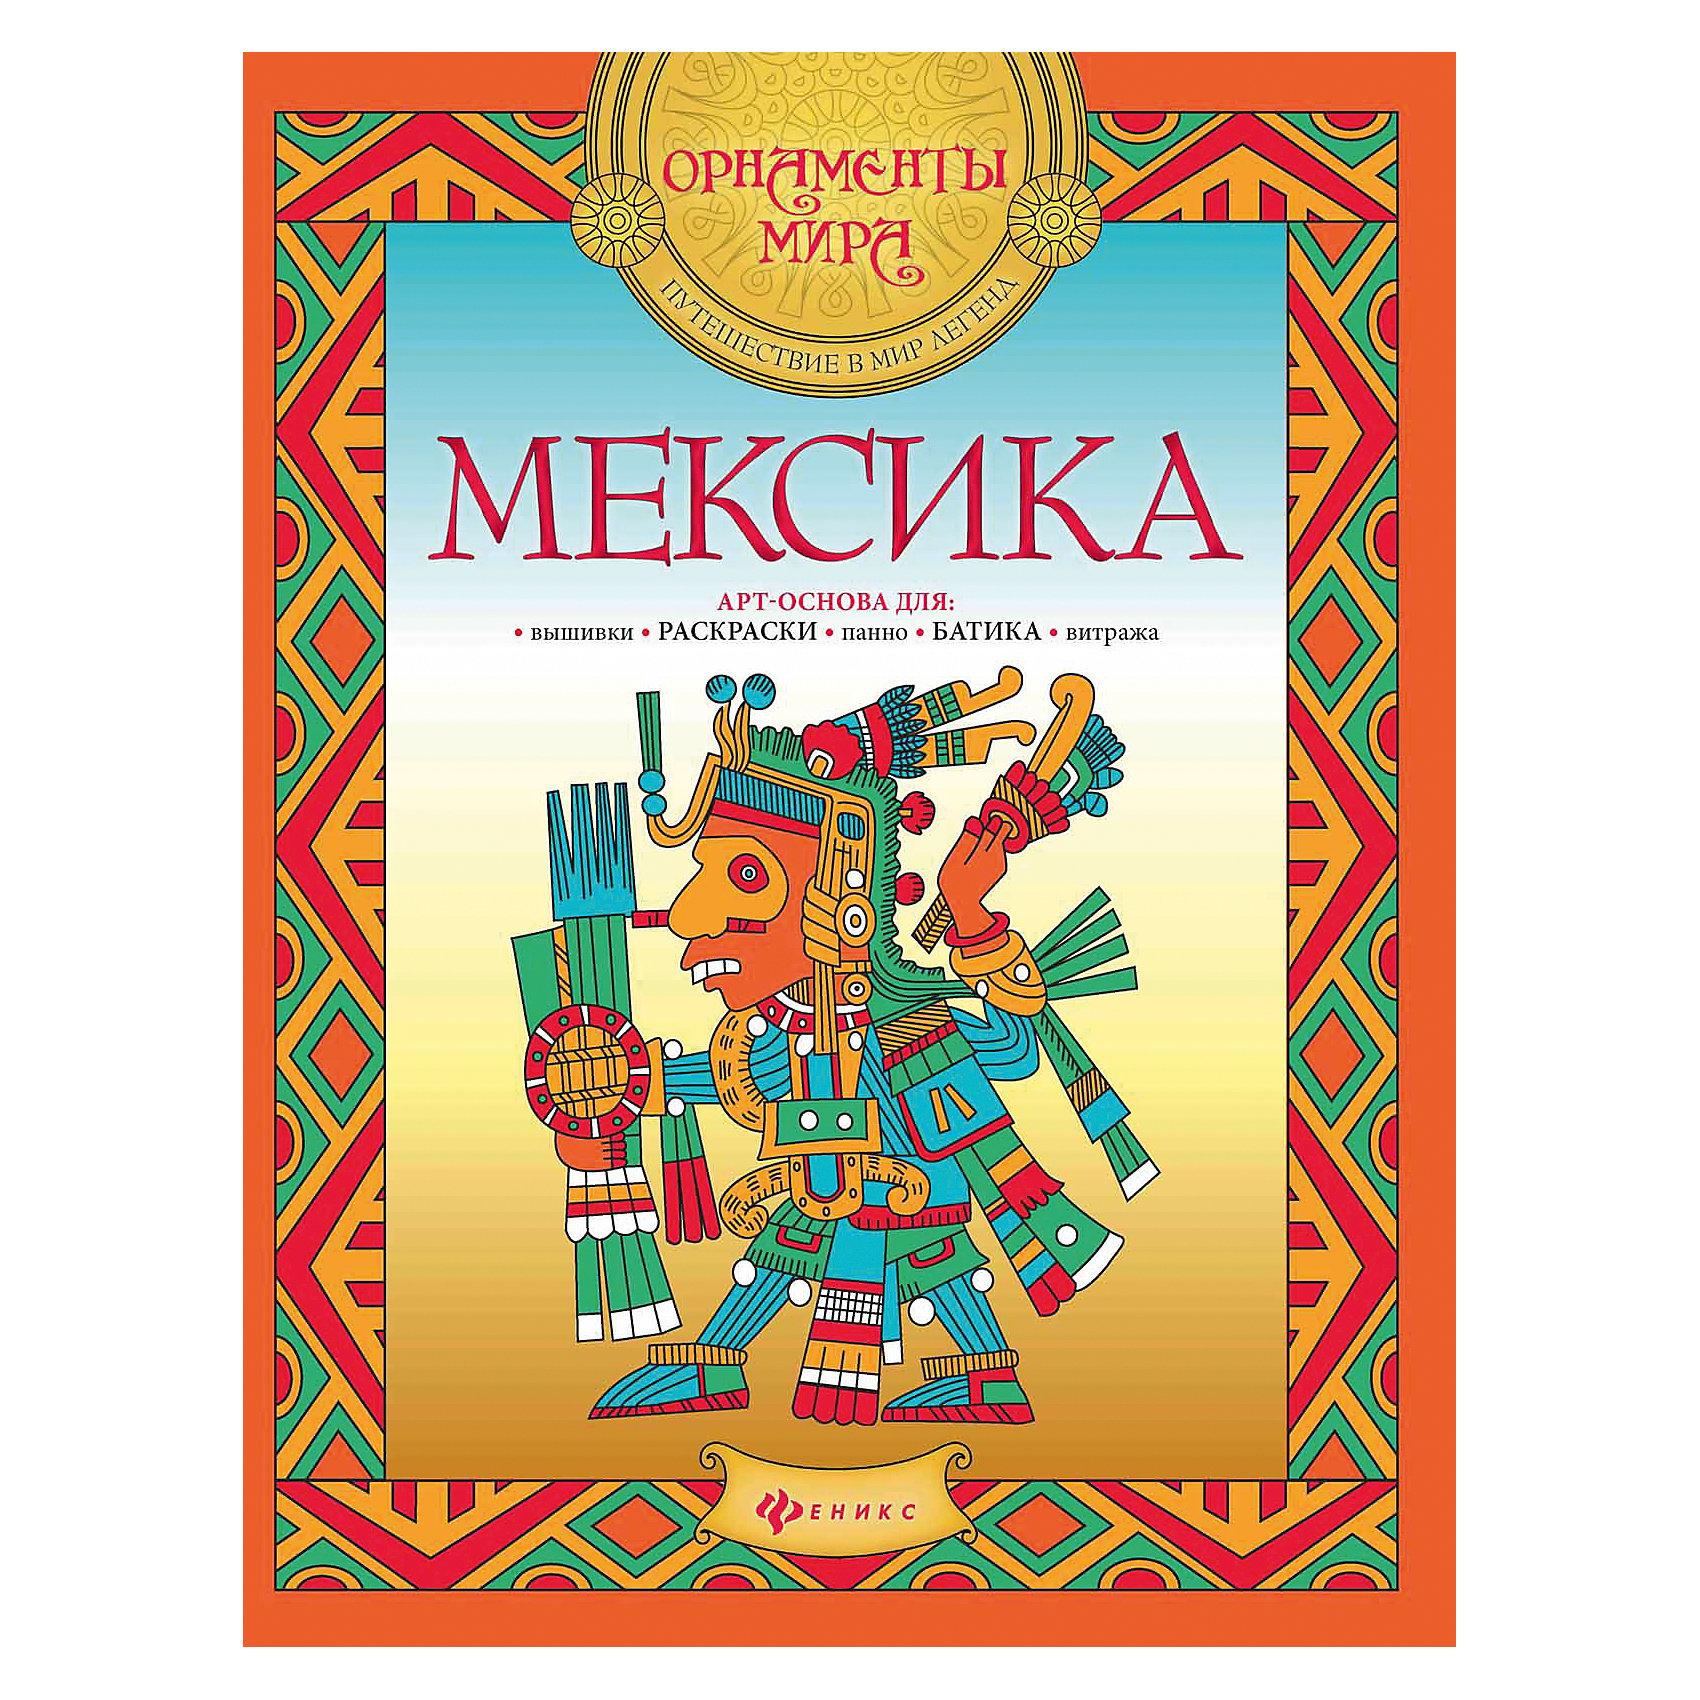 Мексика: арт-основаРисование<br>Уникальная раскраска Мексика: арт-основа соединяет в себе эстетику с познанием. На каждой страничке представлено черно-белое изображение с необычным мексиканским орнаментом. Иллюстрации тщательно скопированы с оригинальных образцов мексиканской культуры и обработаны для того, чтобы послужить арт-основой для собственного творчества: раскраски, вышивки, панно, витража, батика. Для среднего и старшего школьного возраста.<br><br><br>Дополнительная информация:<br><br>- Художник: Н. Рудыка.<br>- Серия: Орнаменты мира.<br>- Обложка: мягкая.<br>- Иллюстрации: черно-белые.<br>- Объем: 16 стр.<br>- Размер: 26 x 0,2 x 20 см.<br>- Вес: 74 гр.<br><br>Раскраску Мексика: арт-основа, Феникс-Премьер, можно купить в нашем интернет-магазине.<br><br>Ширина мм: 260<br>Глубина мм: 200<br>Высота мм: 2<br>Вес г: 432<br>Возраст от месяцев: 36<br>Возраст до месяцев: 84<br>Пол: Унисекс<br>Возраст: Детский<br>SKU: 4771449